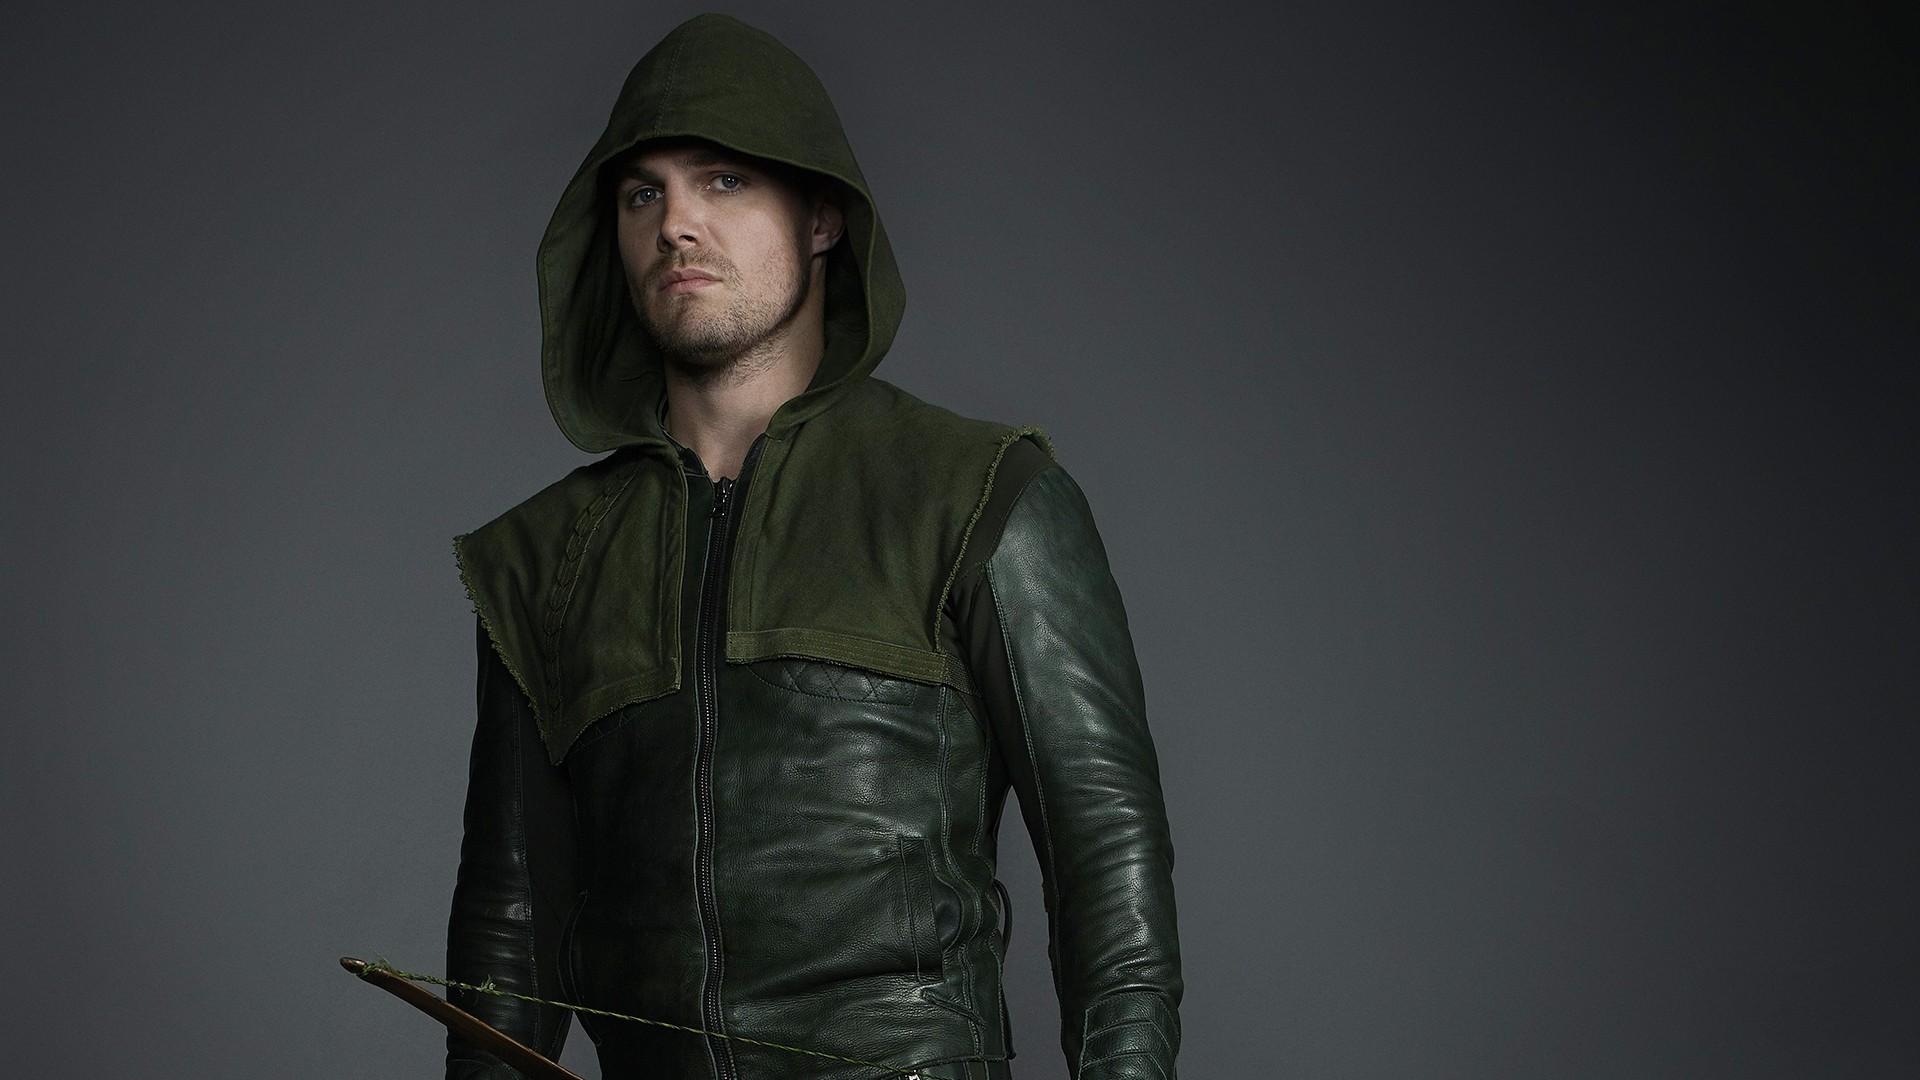 Hd Wallpapers Arrow Season Green Arrow Wallpaper Cw